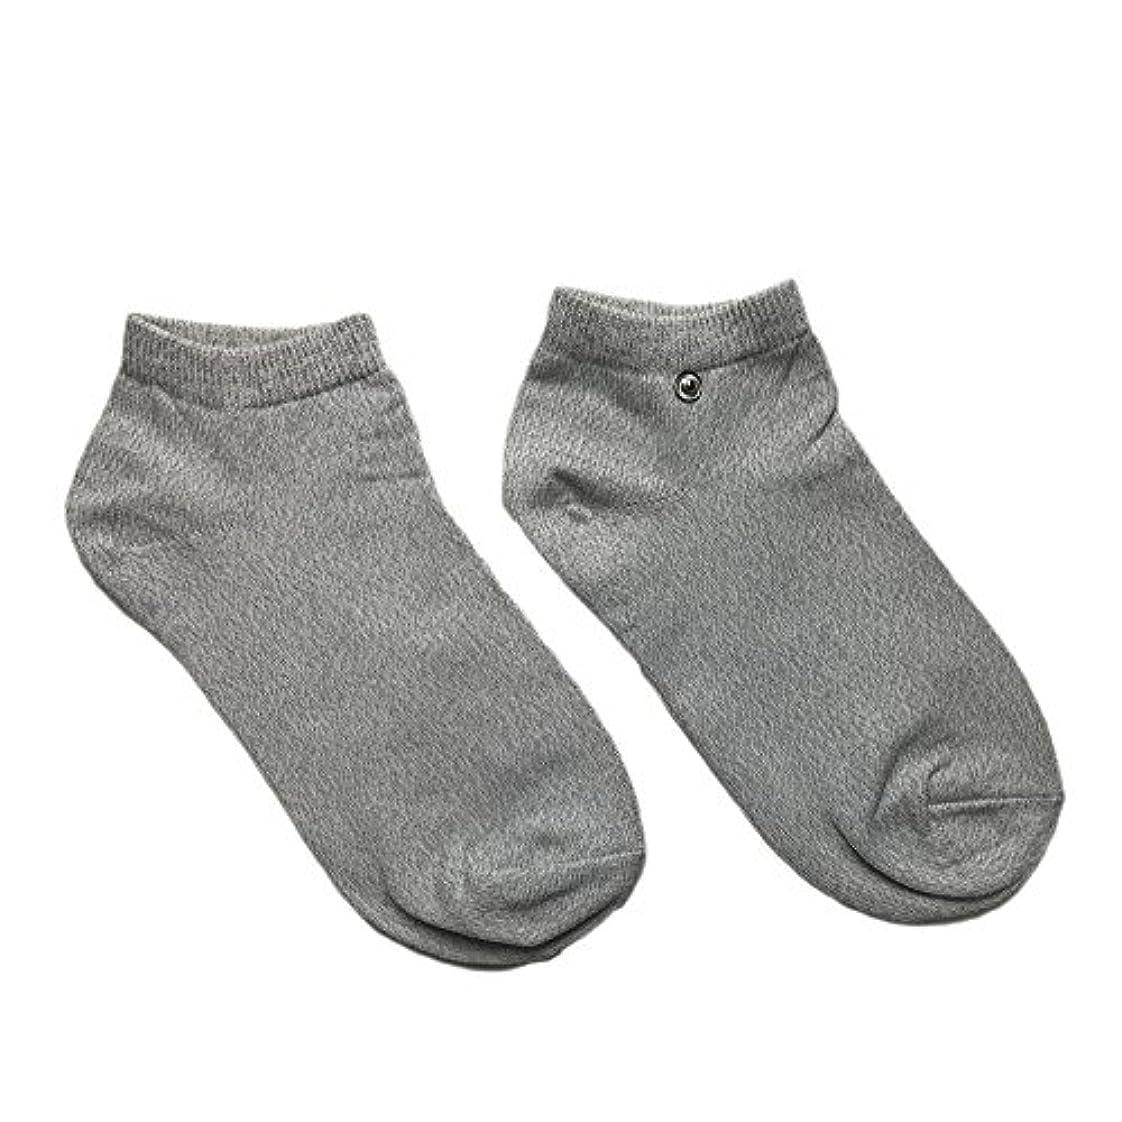 課税残りアヒルriraku-life(??????) 大地と繋がるアーシング健康法用 アーシングソックス(low) 導電性靴下 (M)